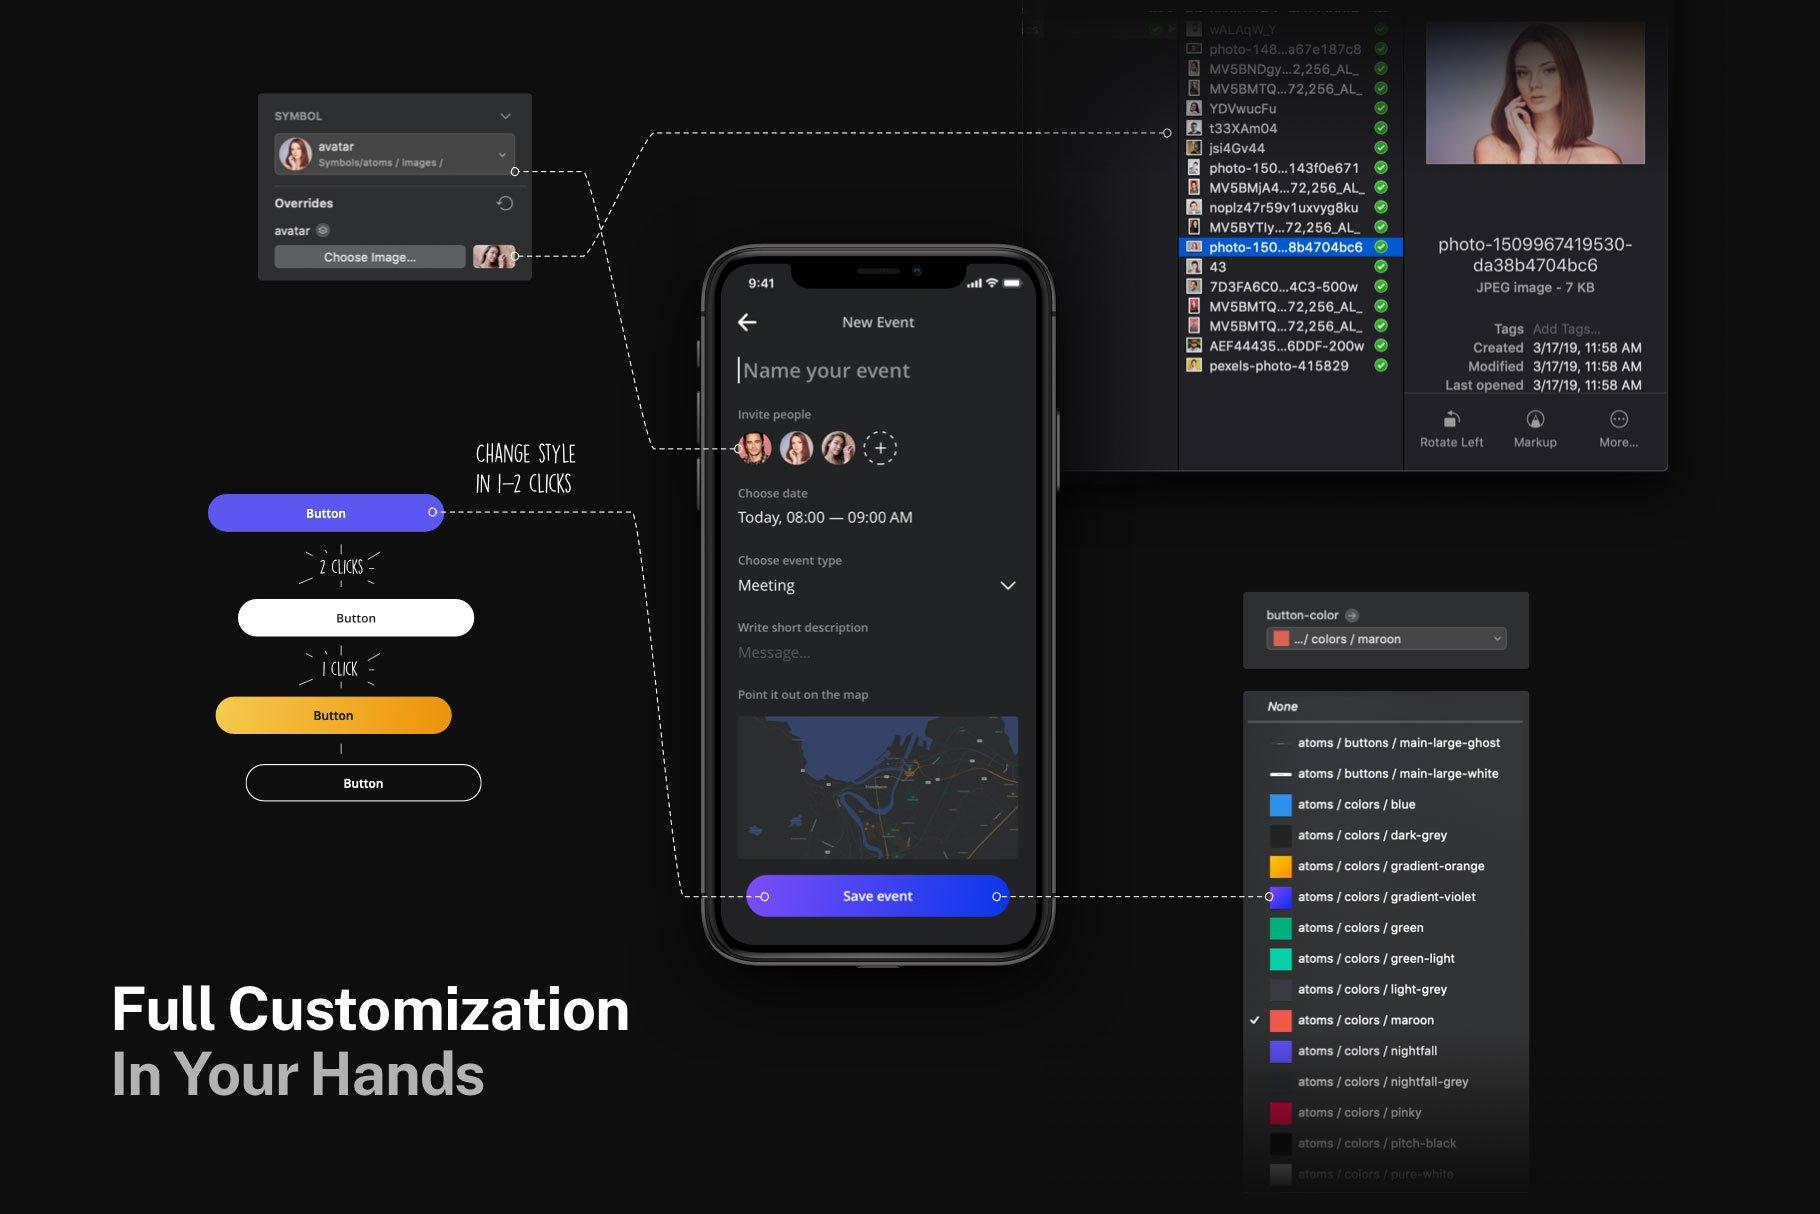 适用于iOS12风格的黑色元素设计系统UI nightfall iosdesign system v1.0